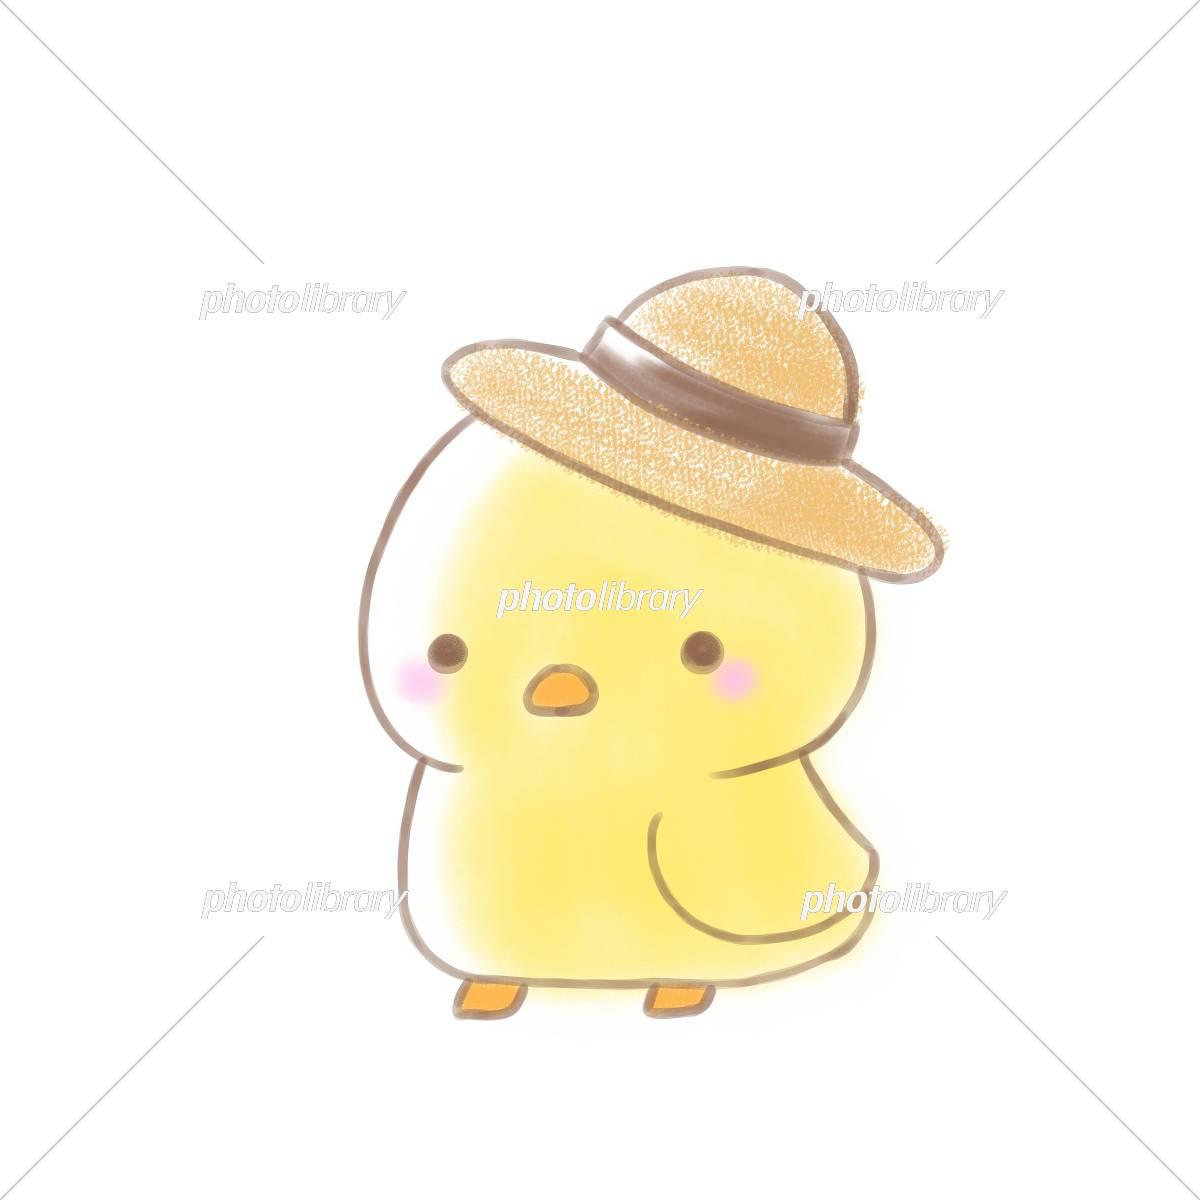 麦わら帽子 ひよこ イラスト素材 5568428 フォトライブラリー